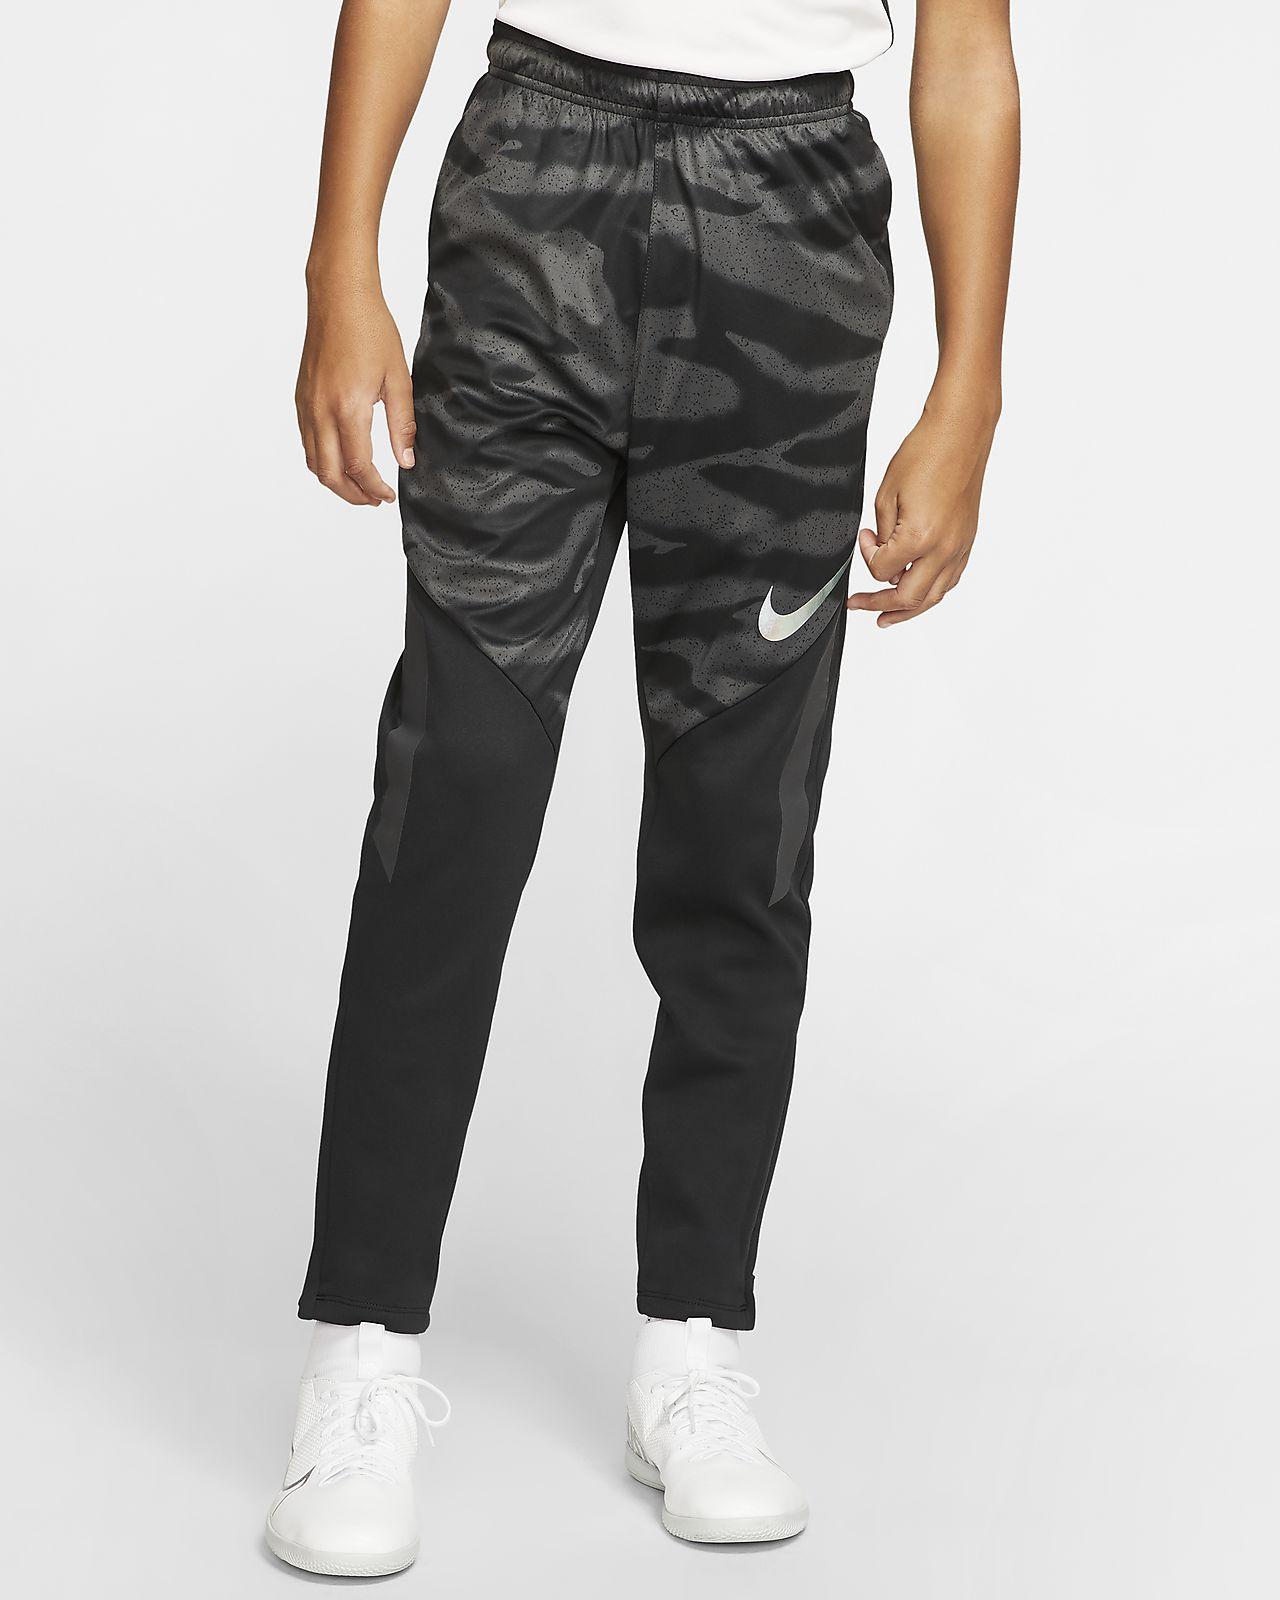 Nike Therma Shield Strike Pantalons de futbol - Nen/a